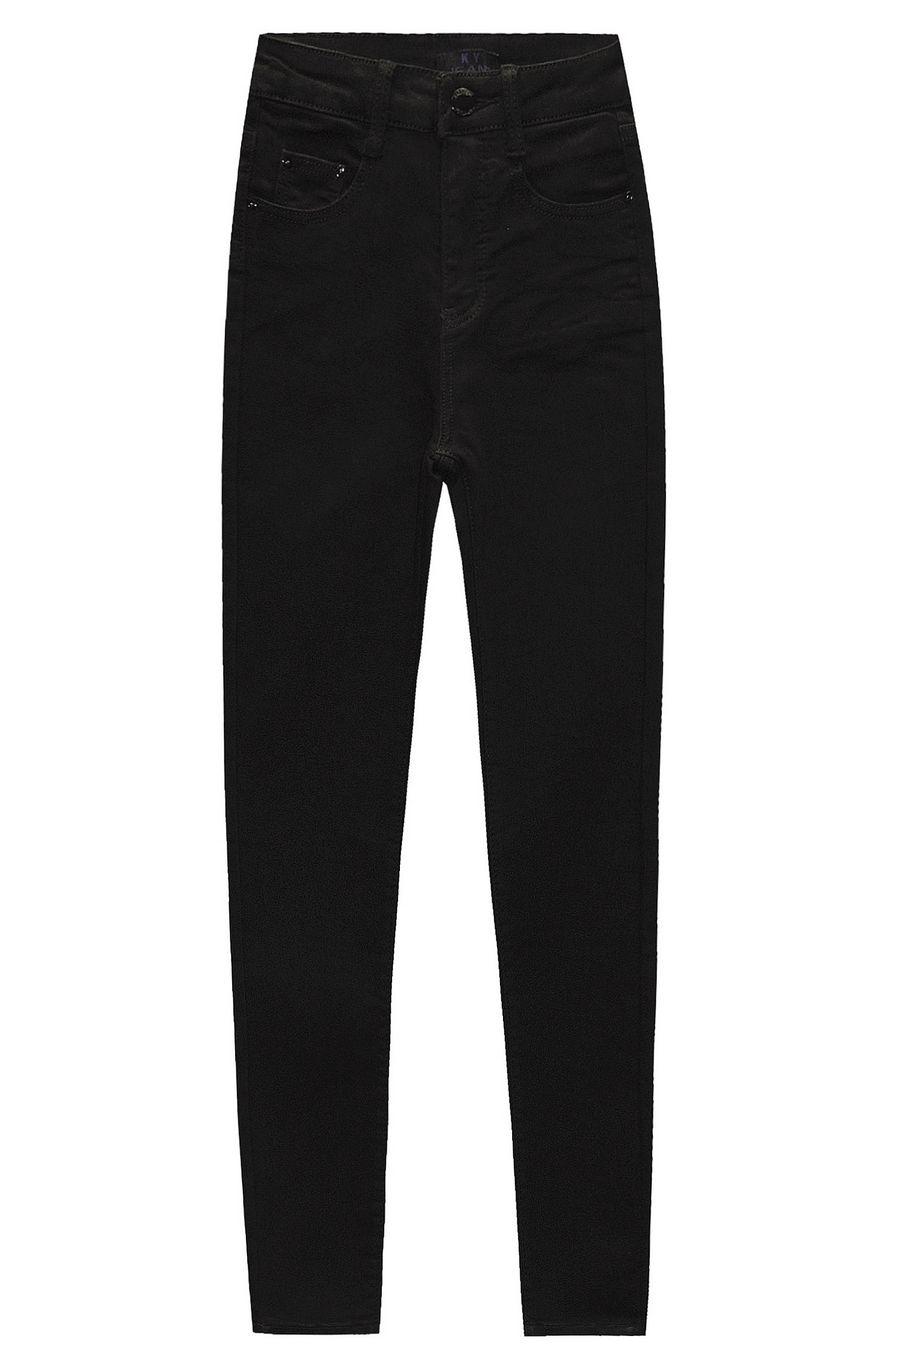 Джинсы женские K.Y Jeans K5628/H557 - фото 1